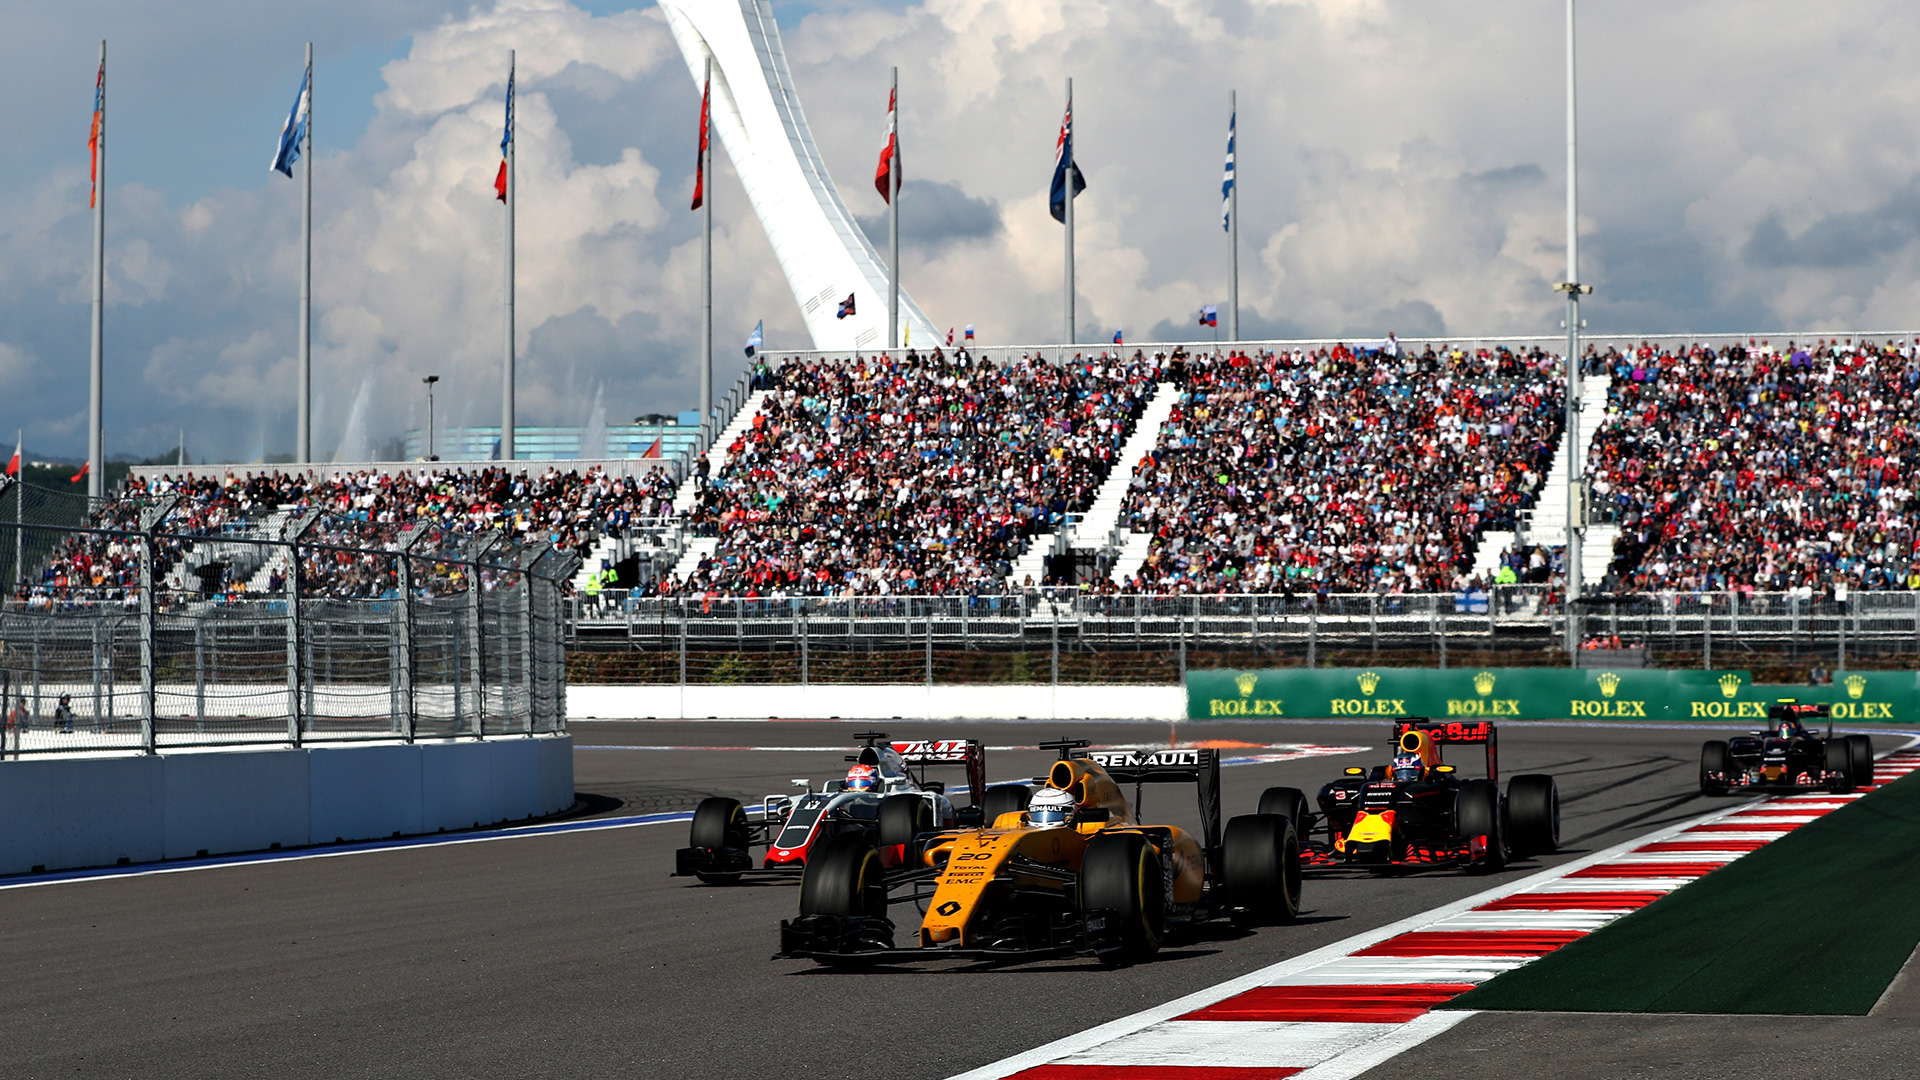 Что произошло на гонке Формулы-1 в России. Фото 13